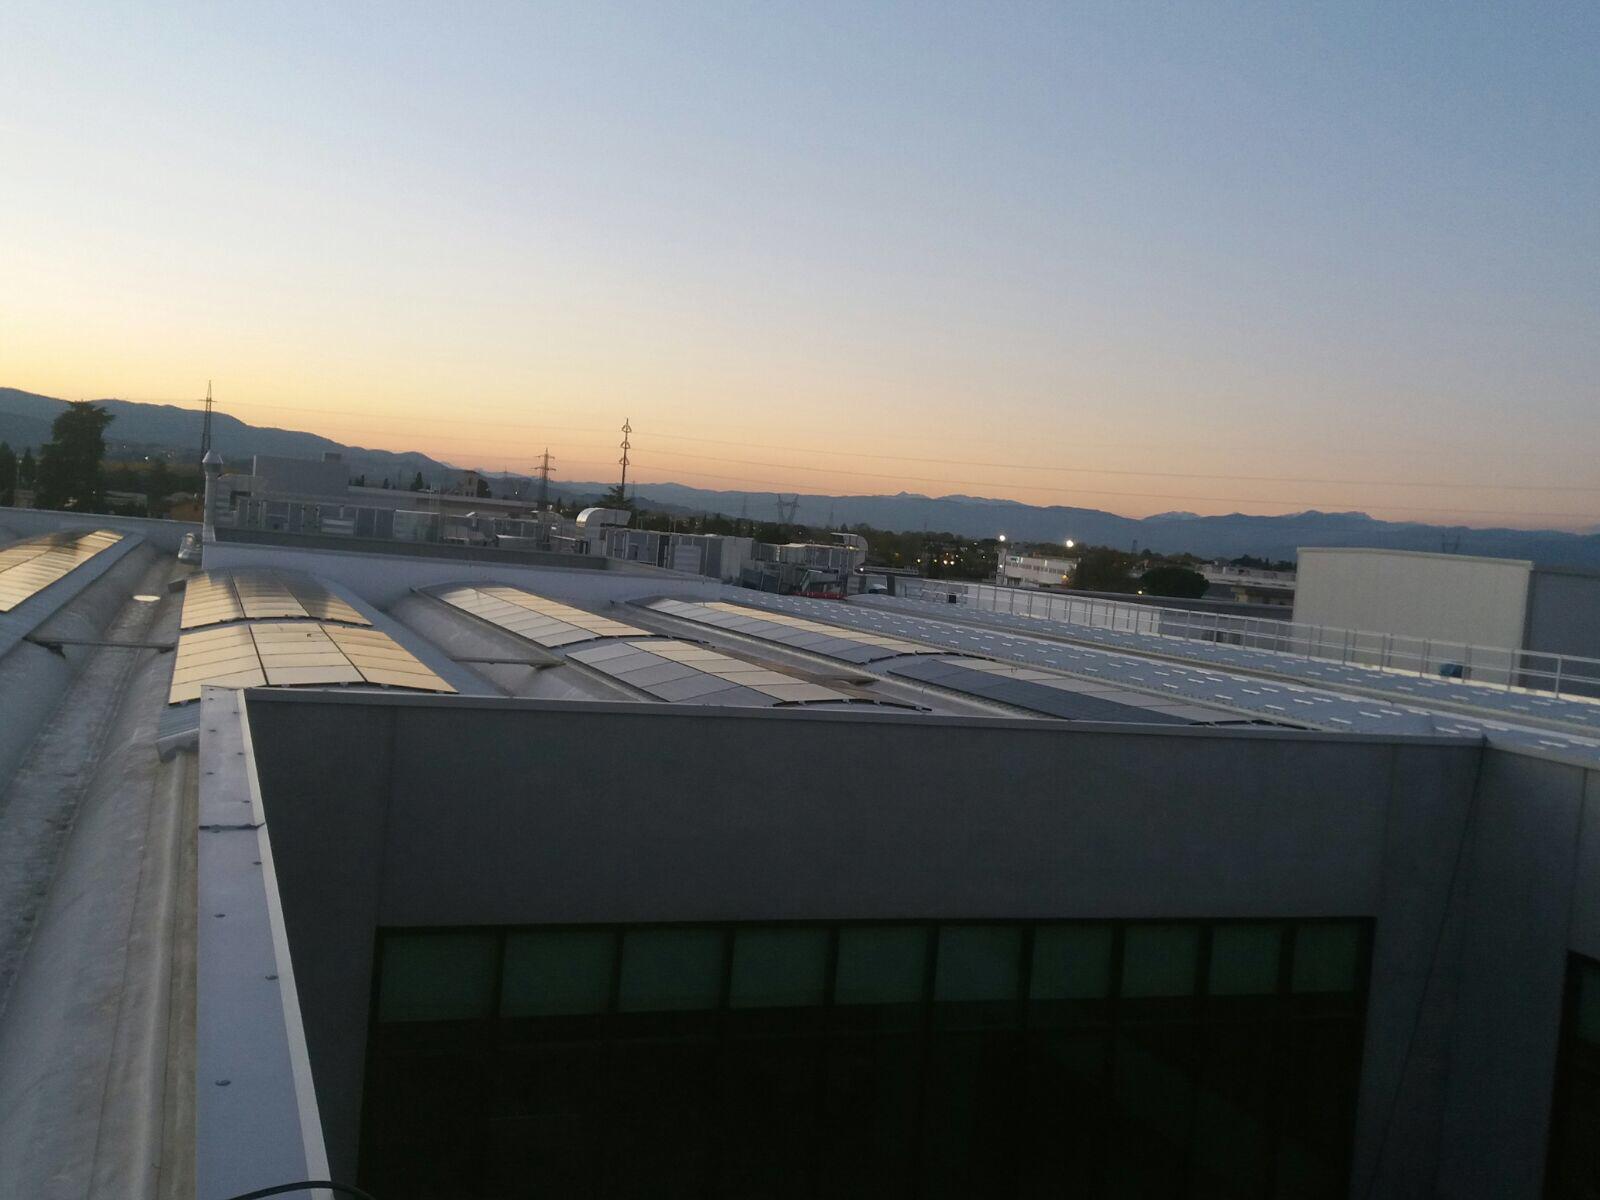 Impianto Fotovoltaico 500kw e Cabine di trasformazione12